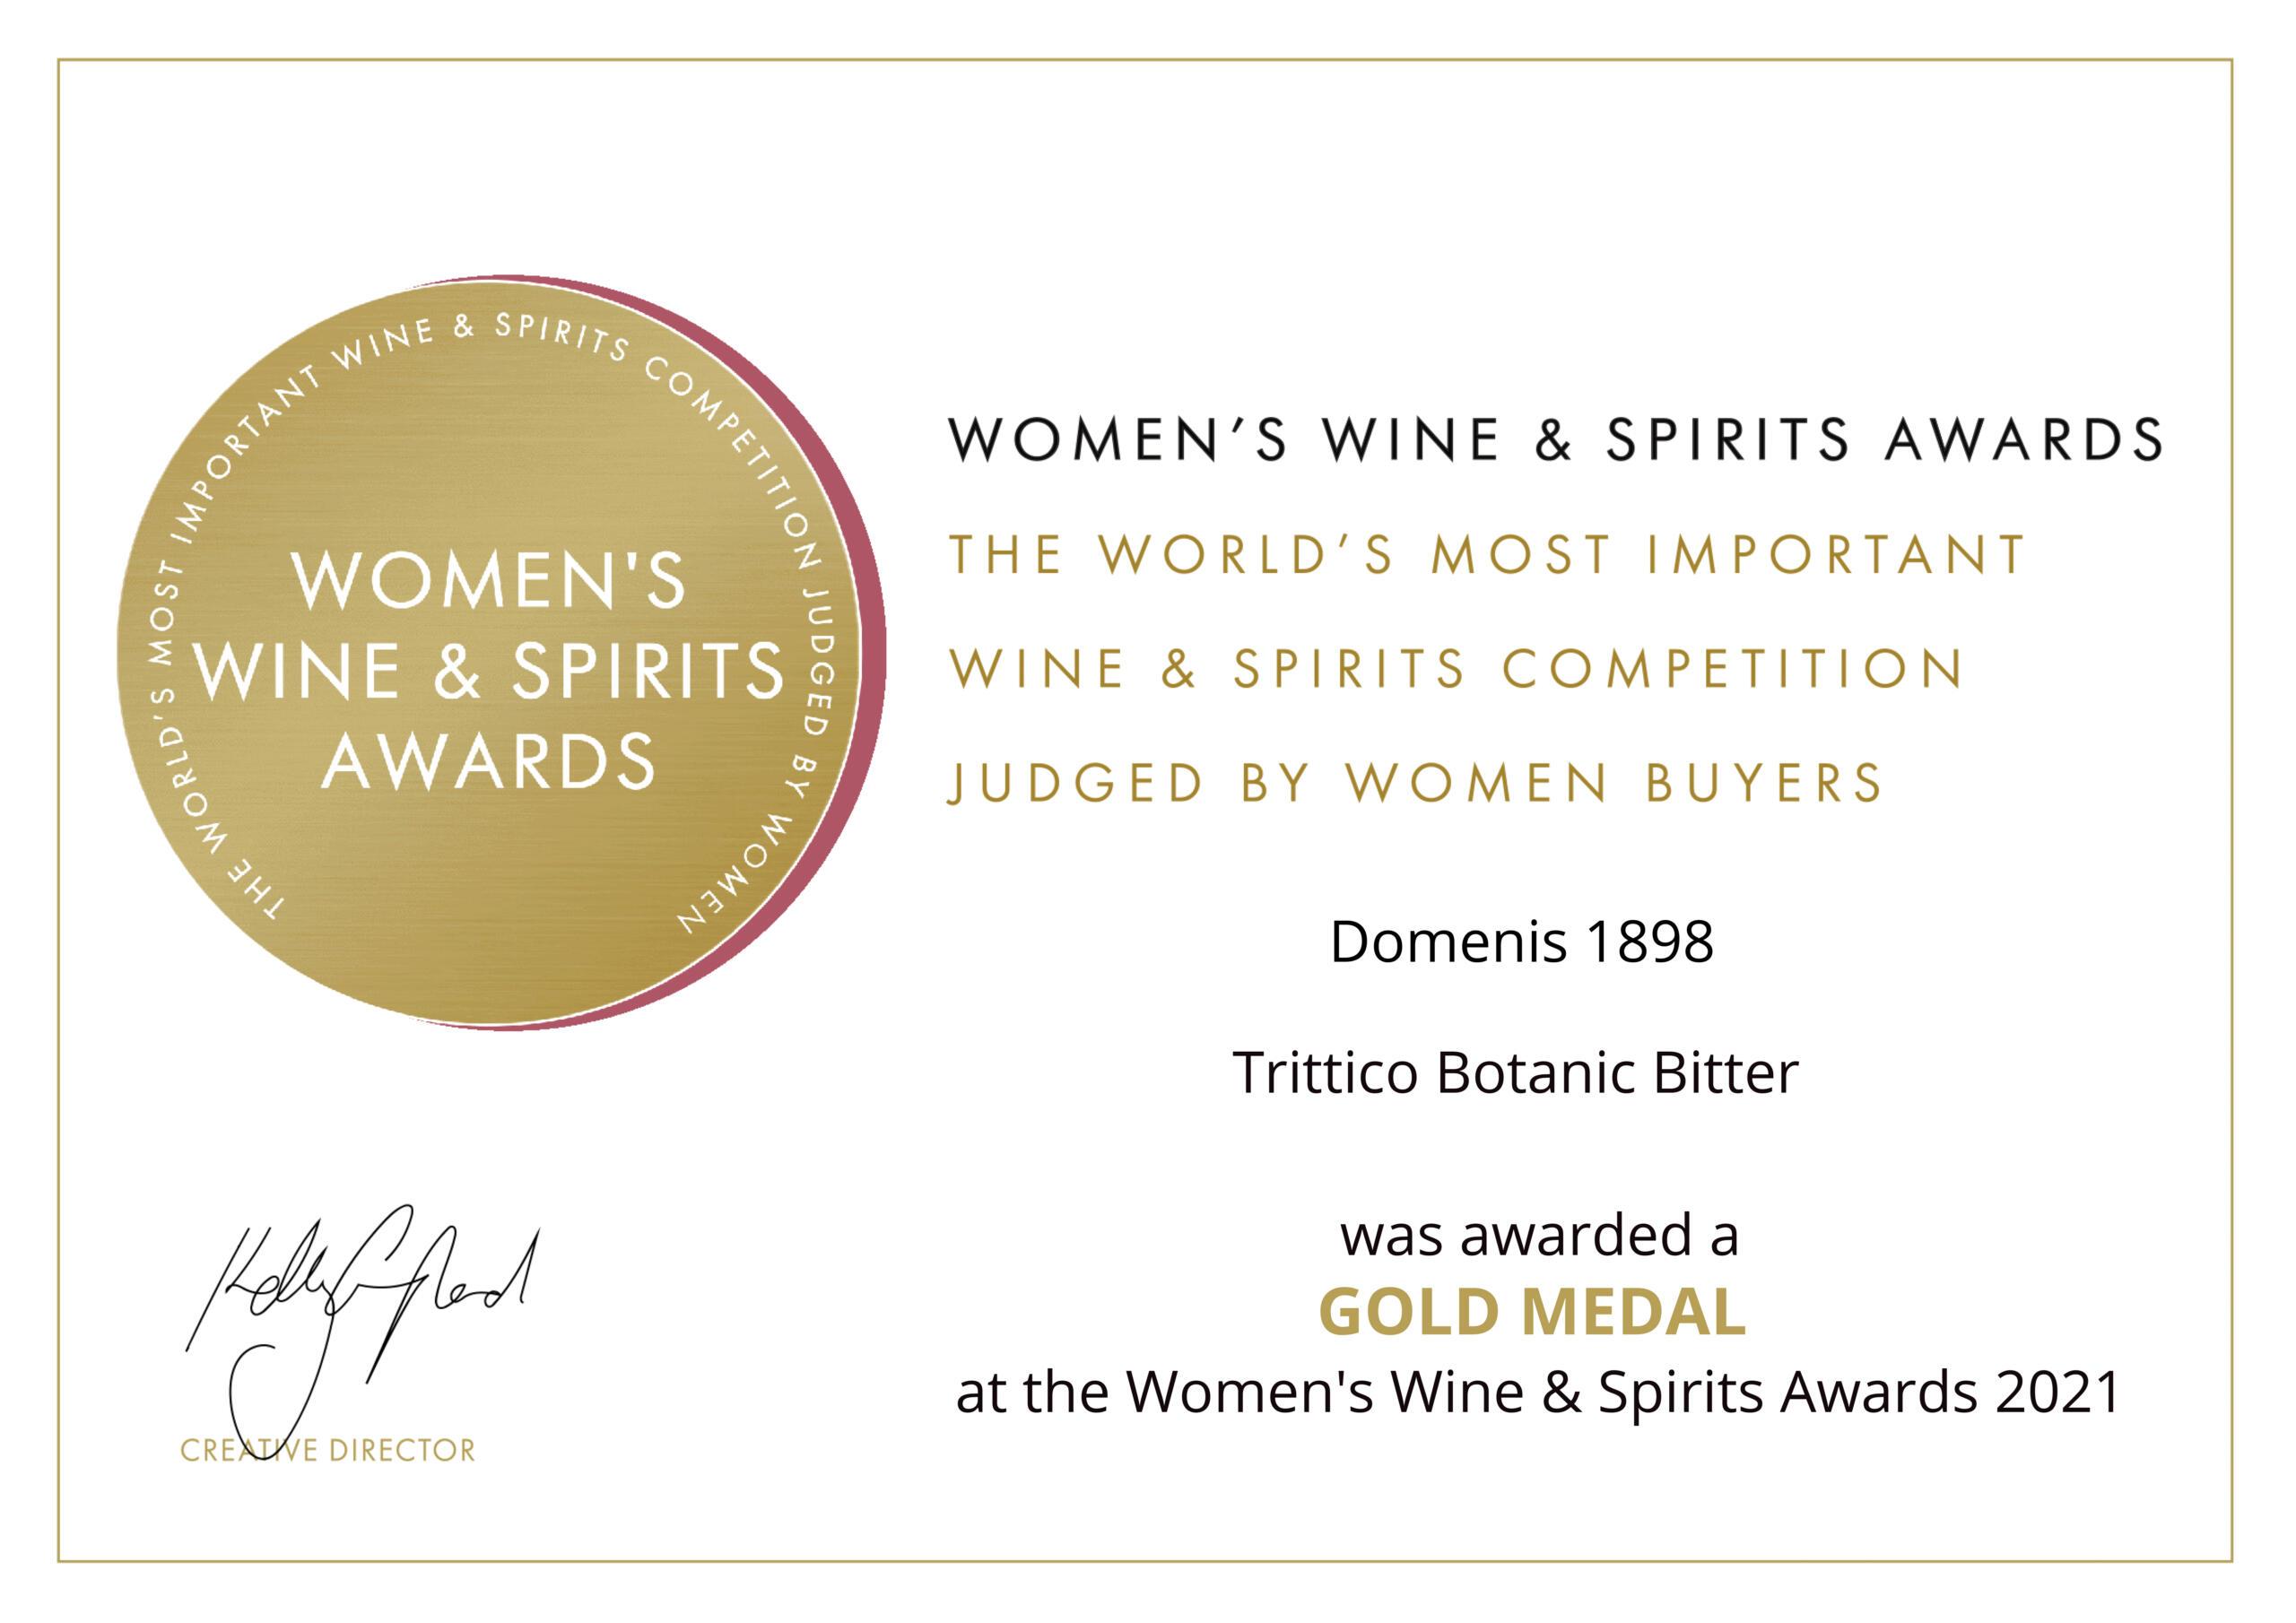 Women's Wine & Spirit Awards 2021 – Gold Medal – Trittico Botanic bitter